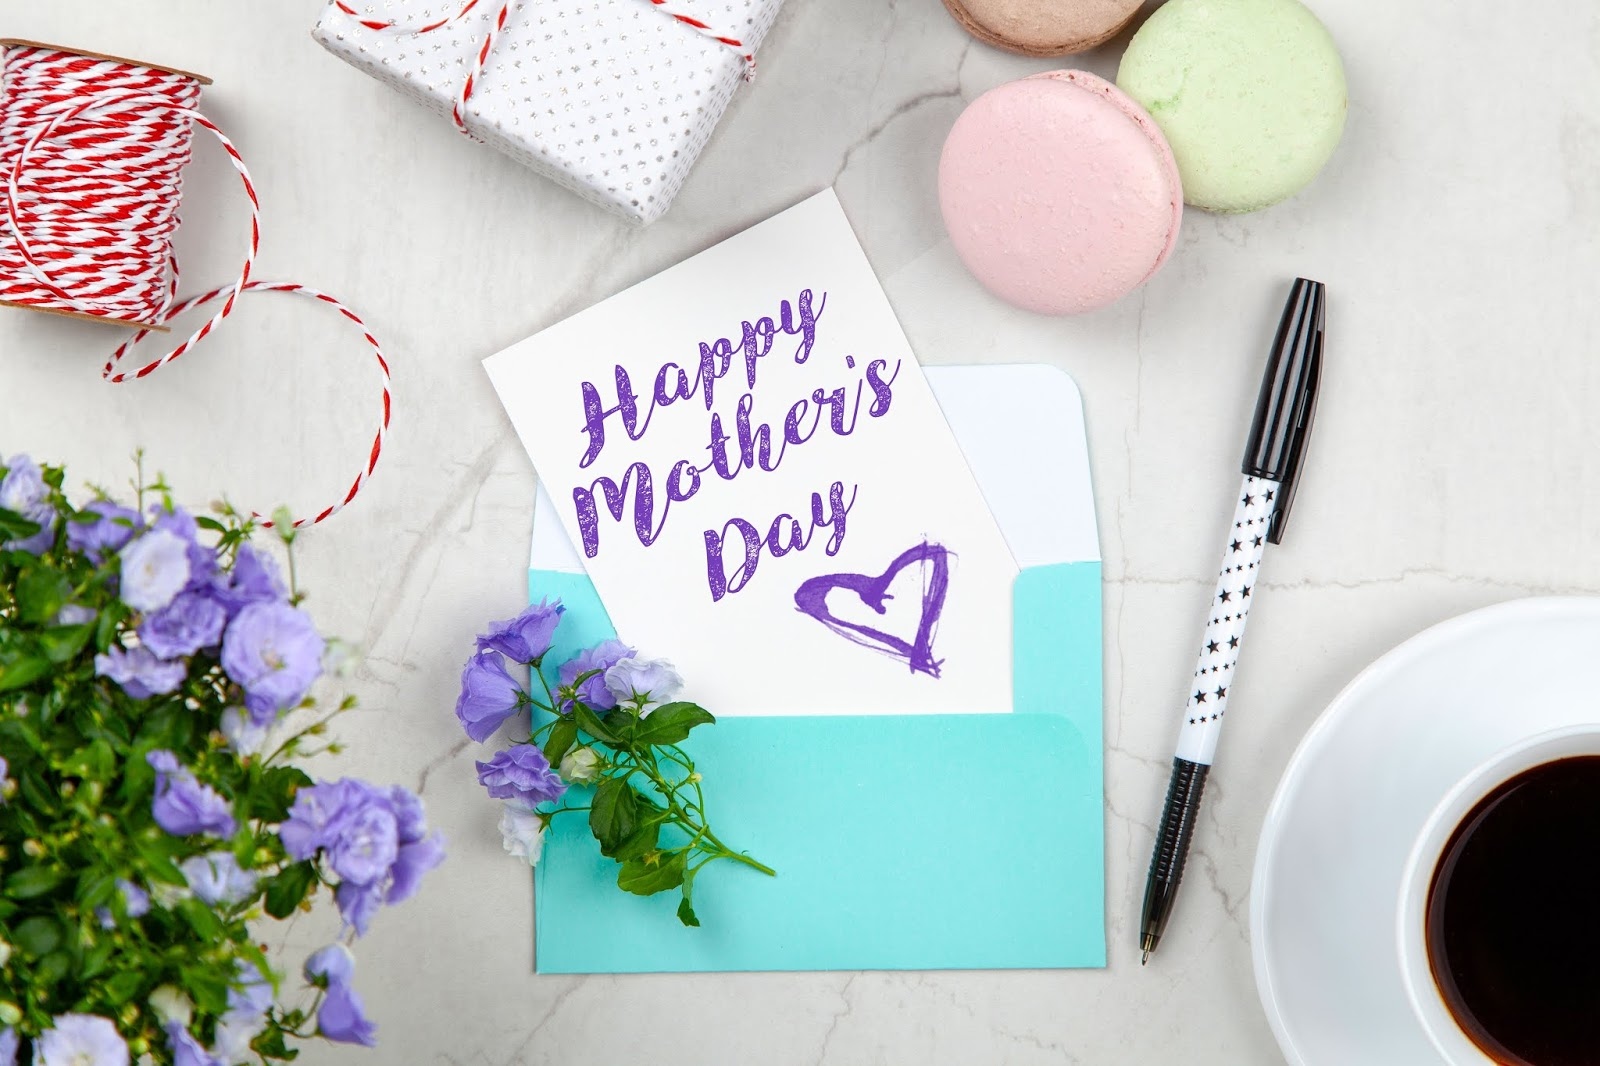 Kumpulan Ucapan Selamat Hari Ibu Penuh Cinta Bahasa Inggris